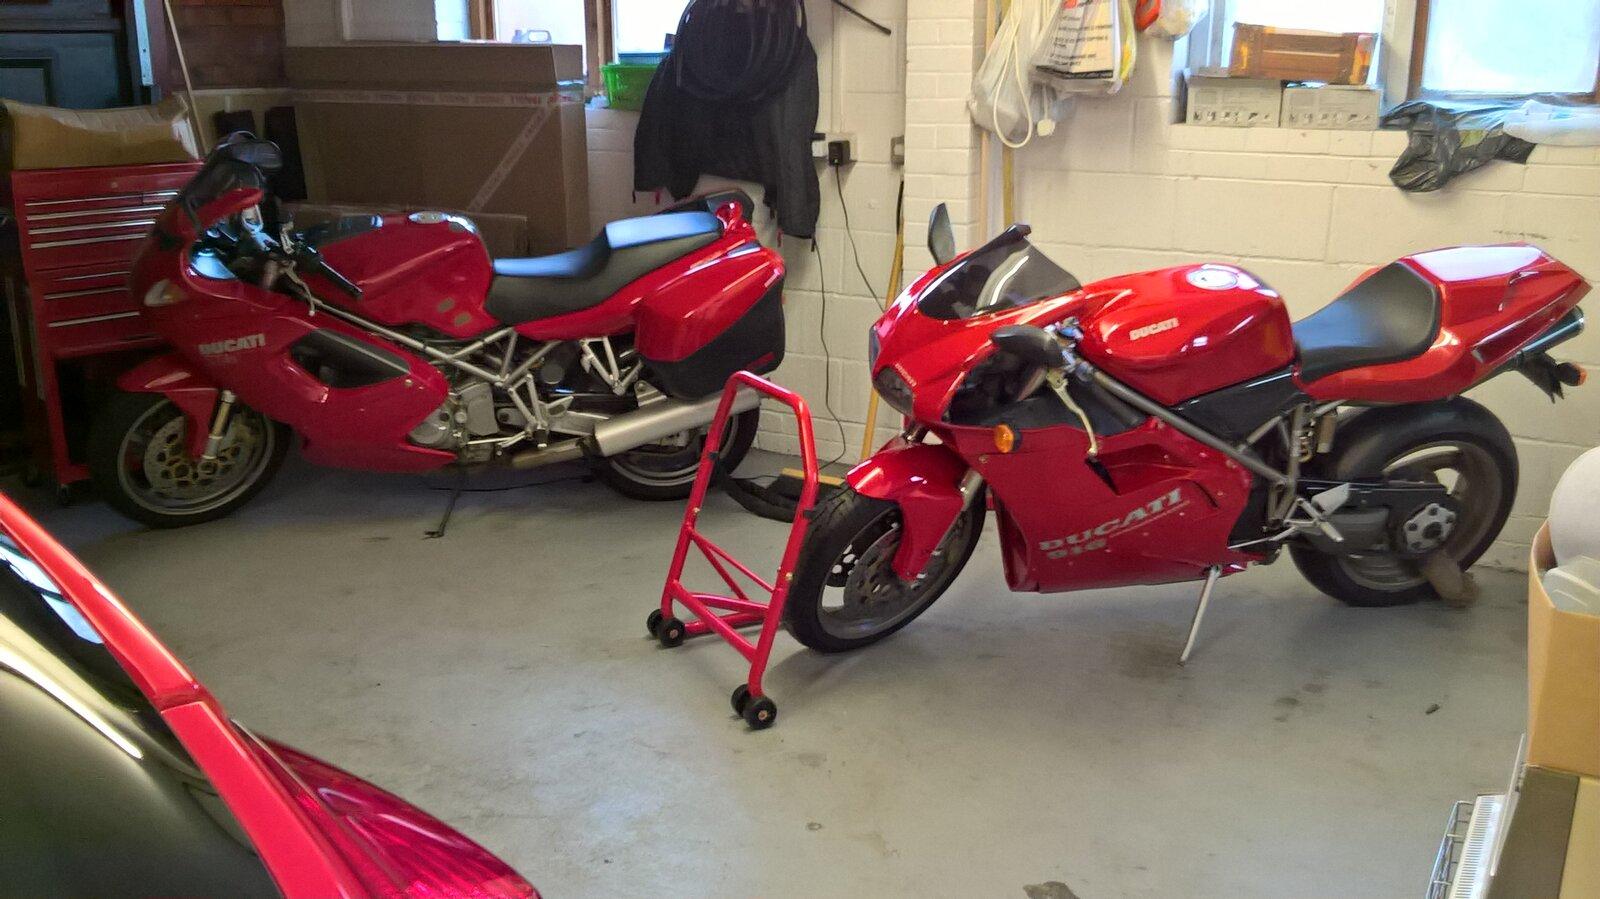 Spring_Ducati.jpg